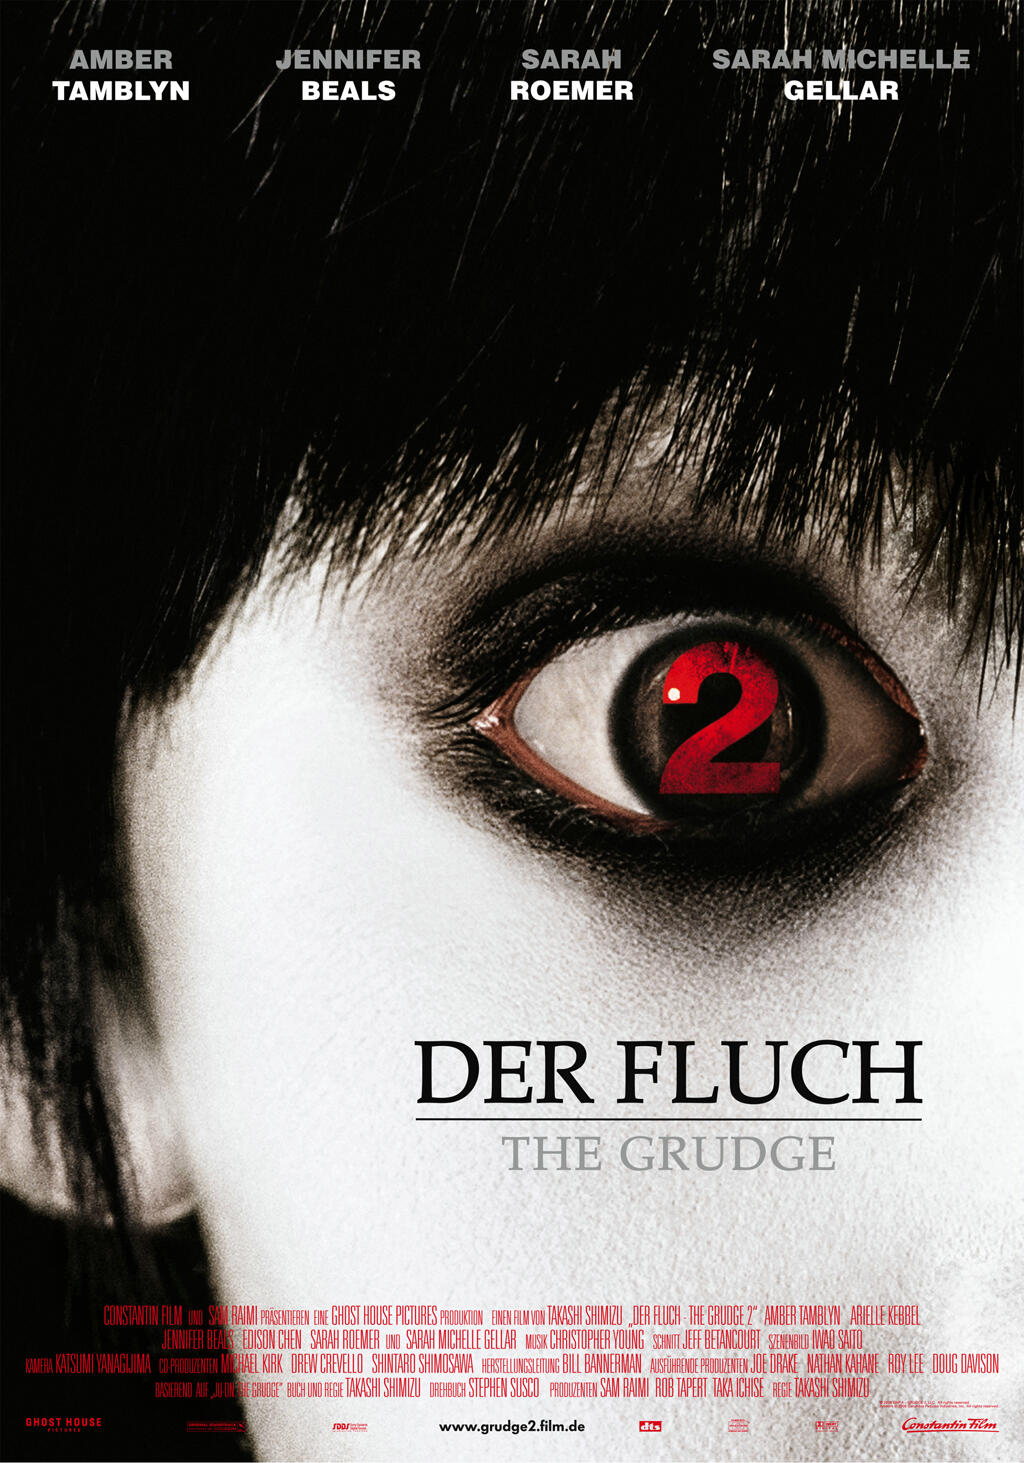 der fluch – the grudge 2